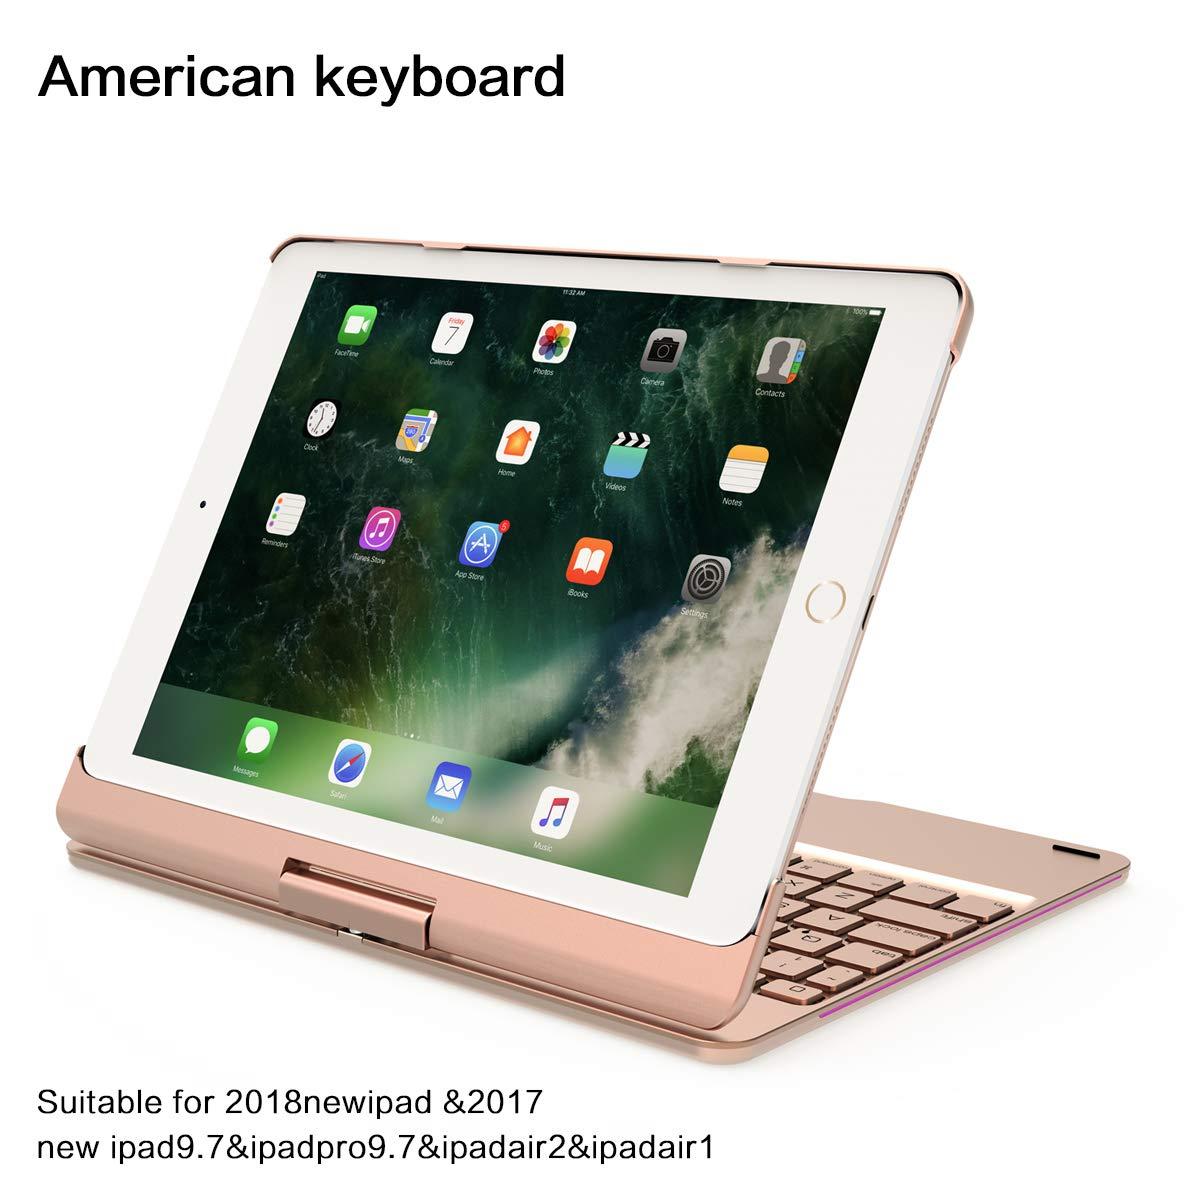 2019人気新作 Scheam 2018 iPadケース スリム スリム 耐衝撃 B07L6VV6YN ディフェンダー 2018 カバーケース バックカバー, SQ5J-AP-236 ゴールド B07L6VV6YN, ミキシ:1bd2cc7d --- a0267596.xsph.ru